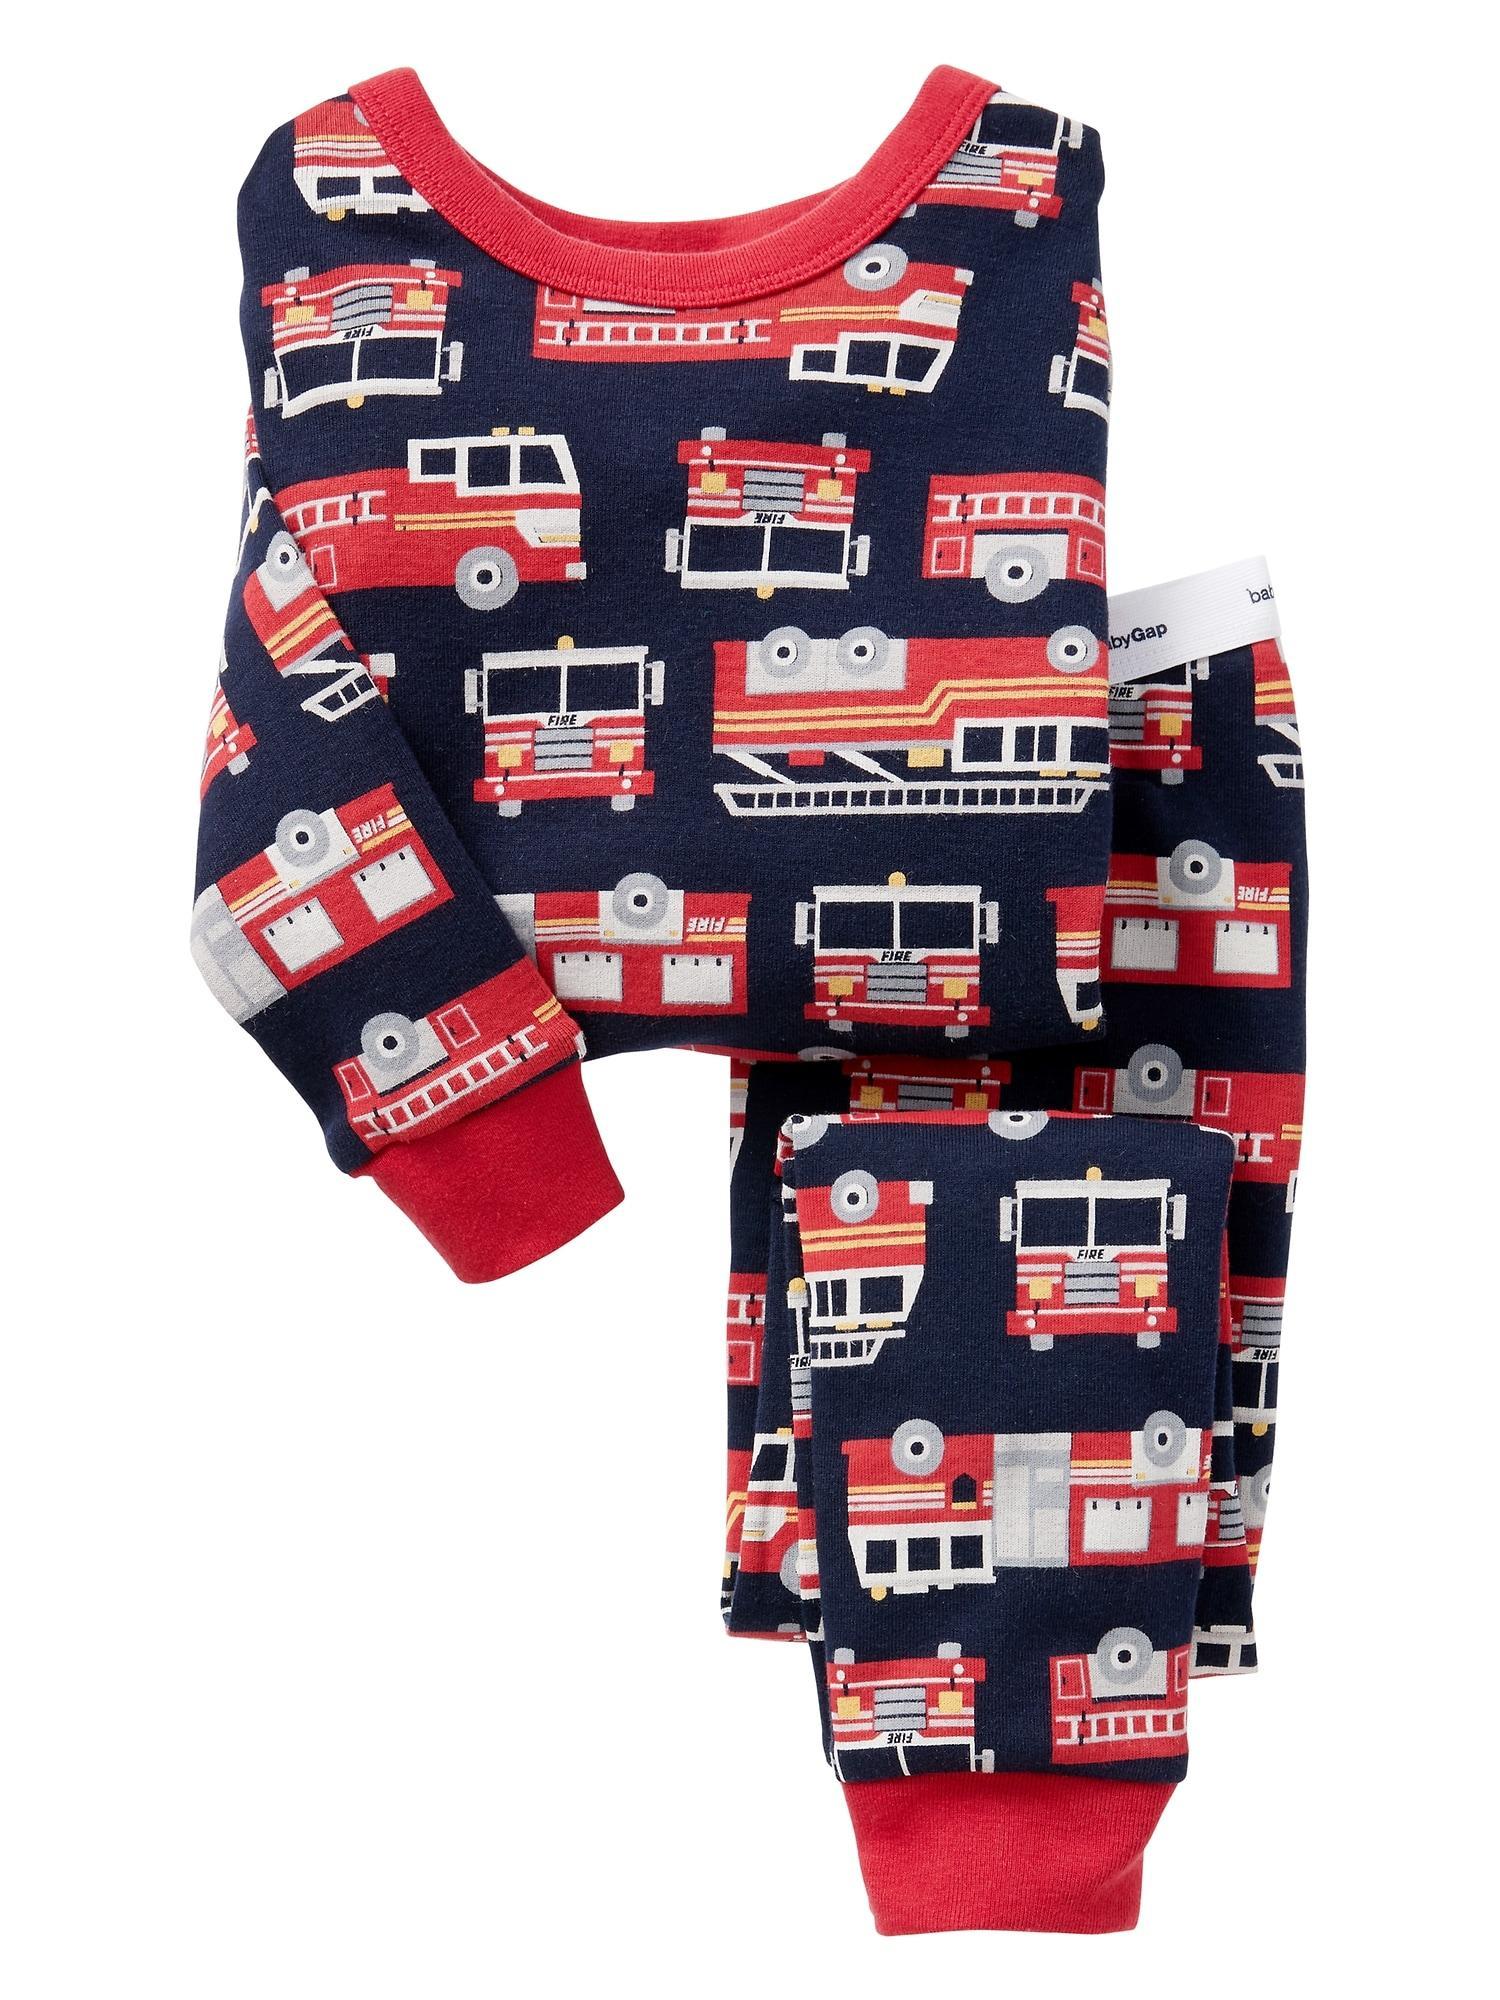 Hình ảnh Bộ bé trai babyGAP hàng xịn chất cực đẹp mẫu xe cứu hỏa